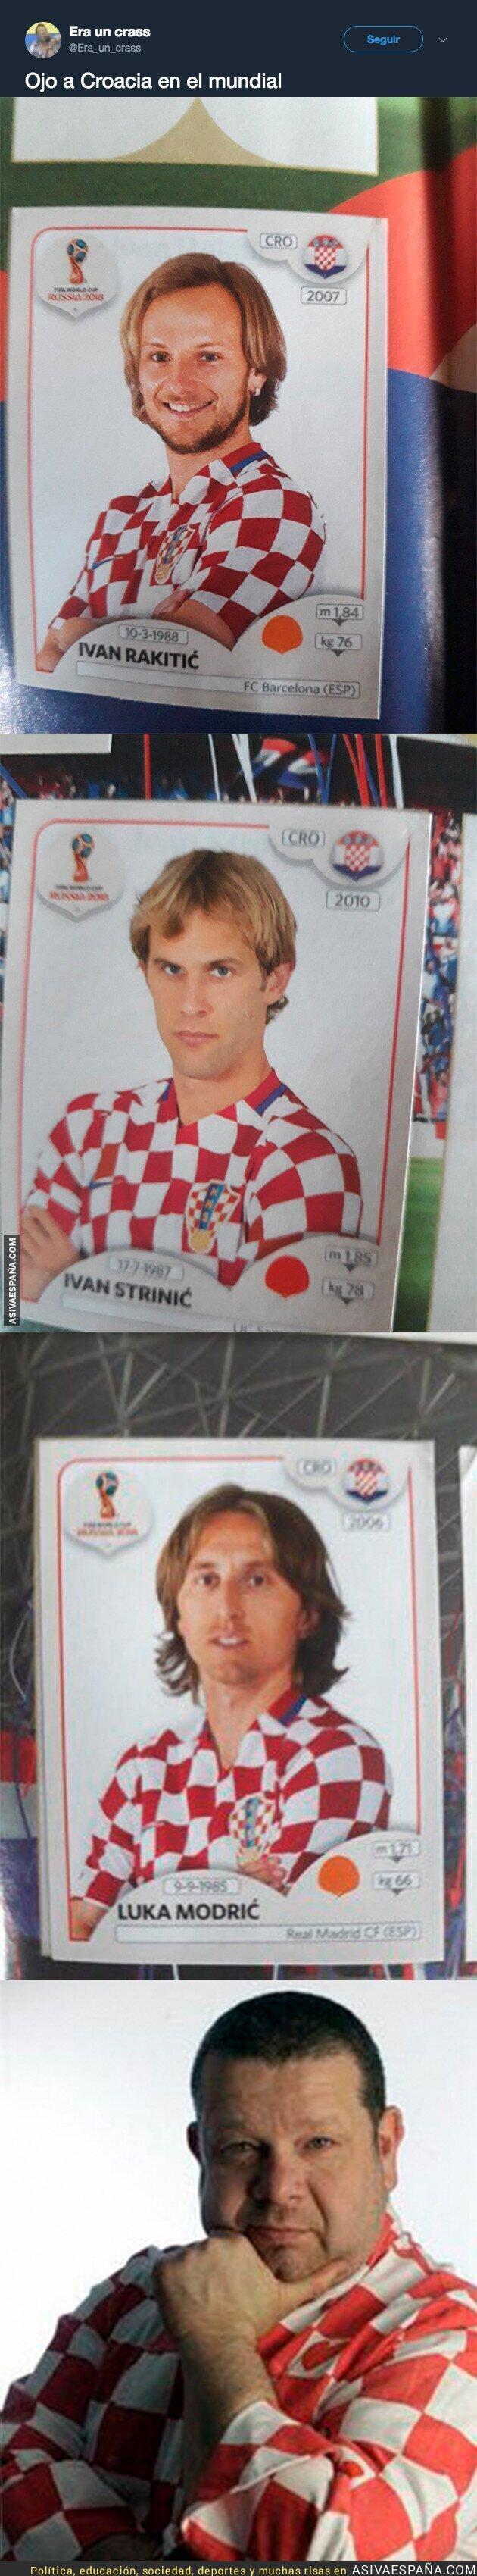 88435 - El gran peligro de Croacia